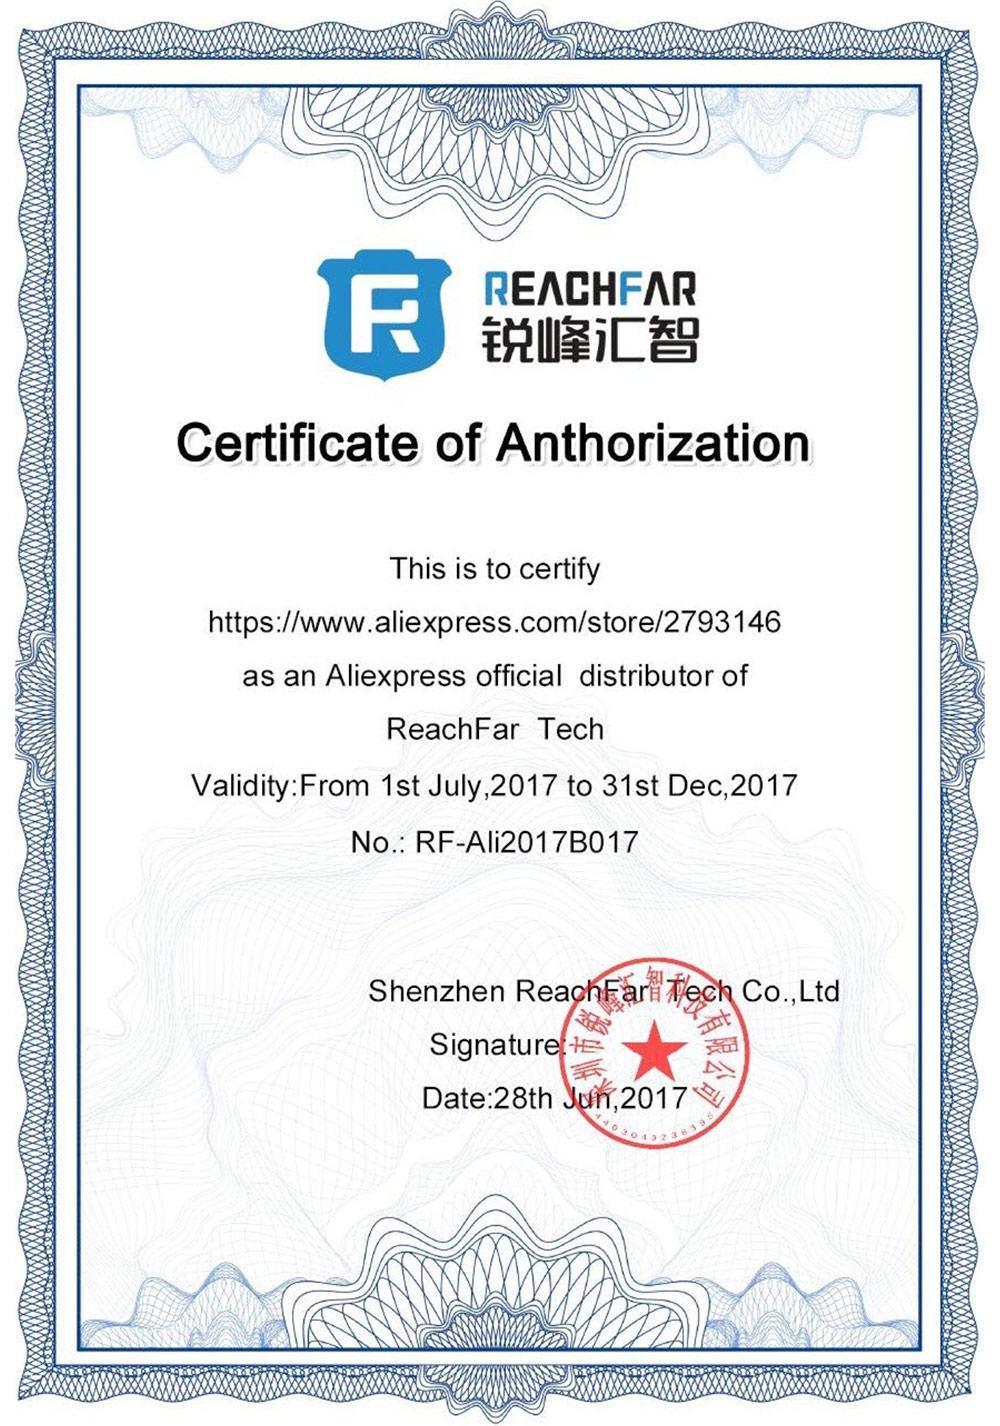 ❌ Китайский сертификат — в реестре отсутствует, поэтому не имеет силы в России